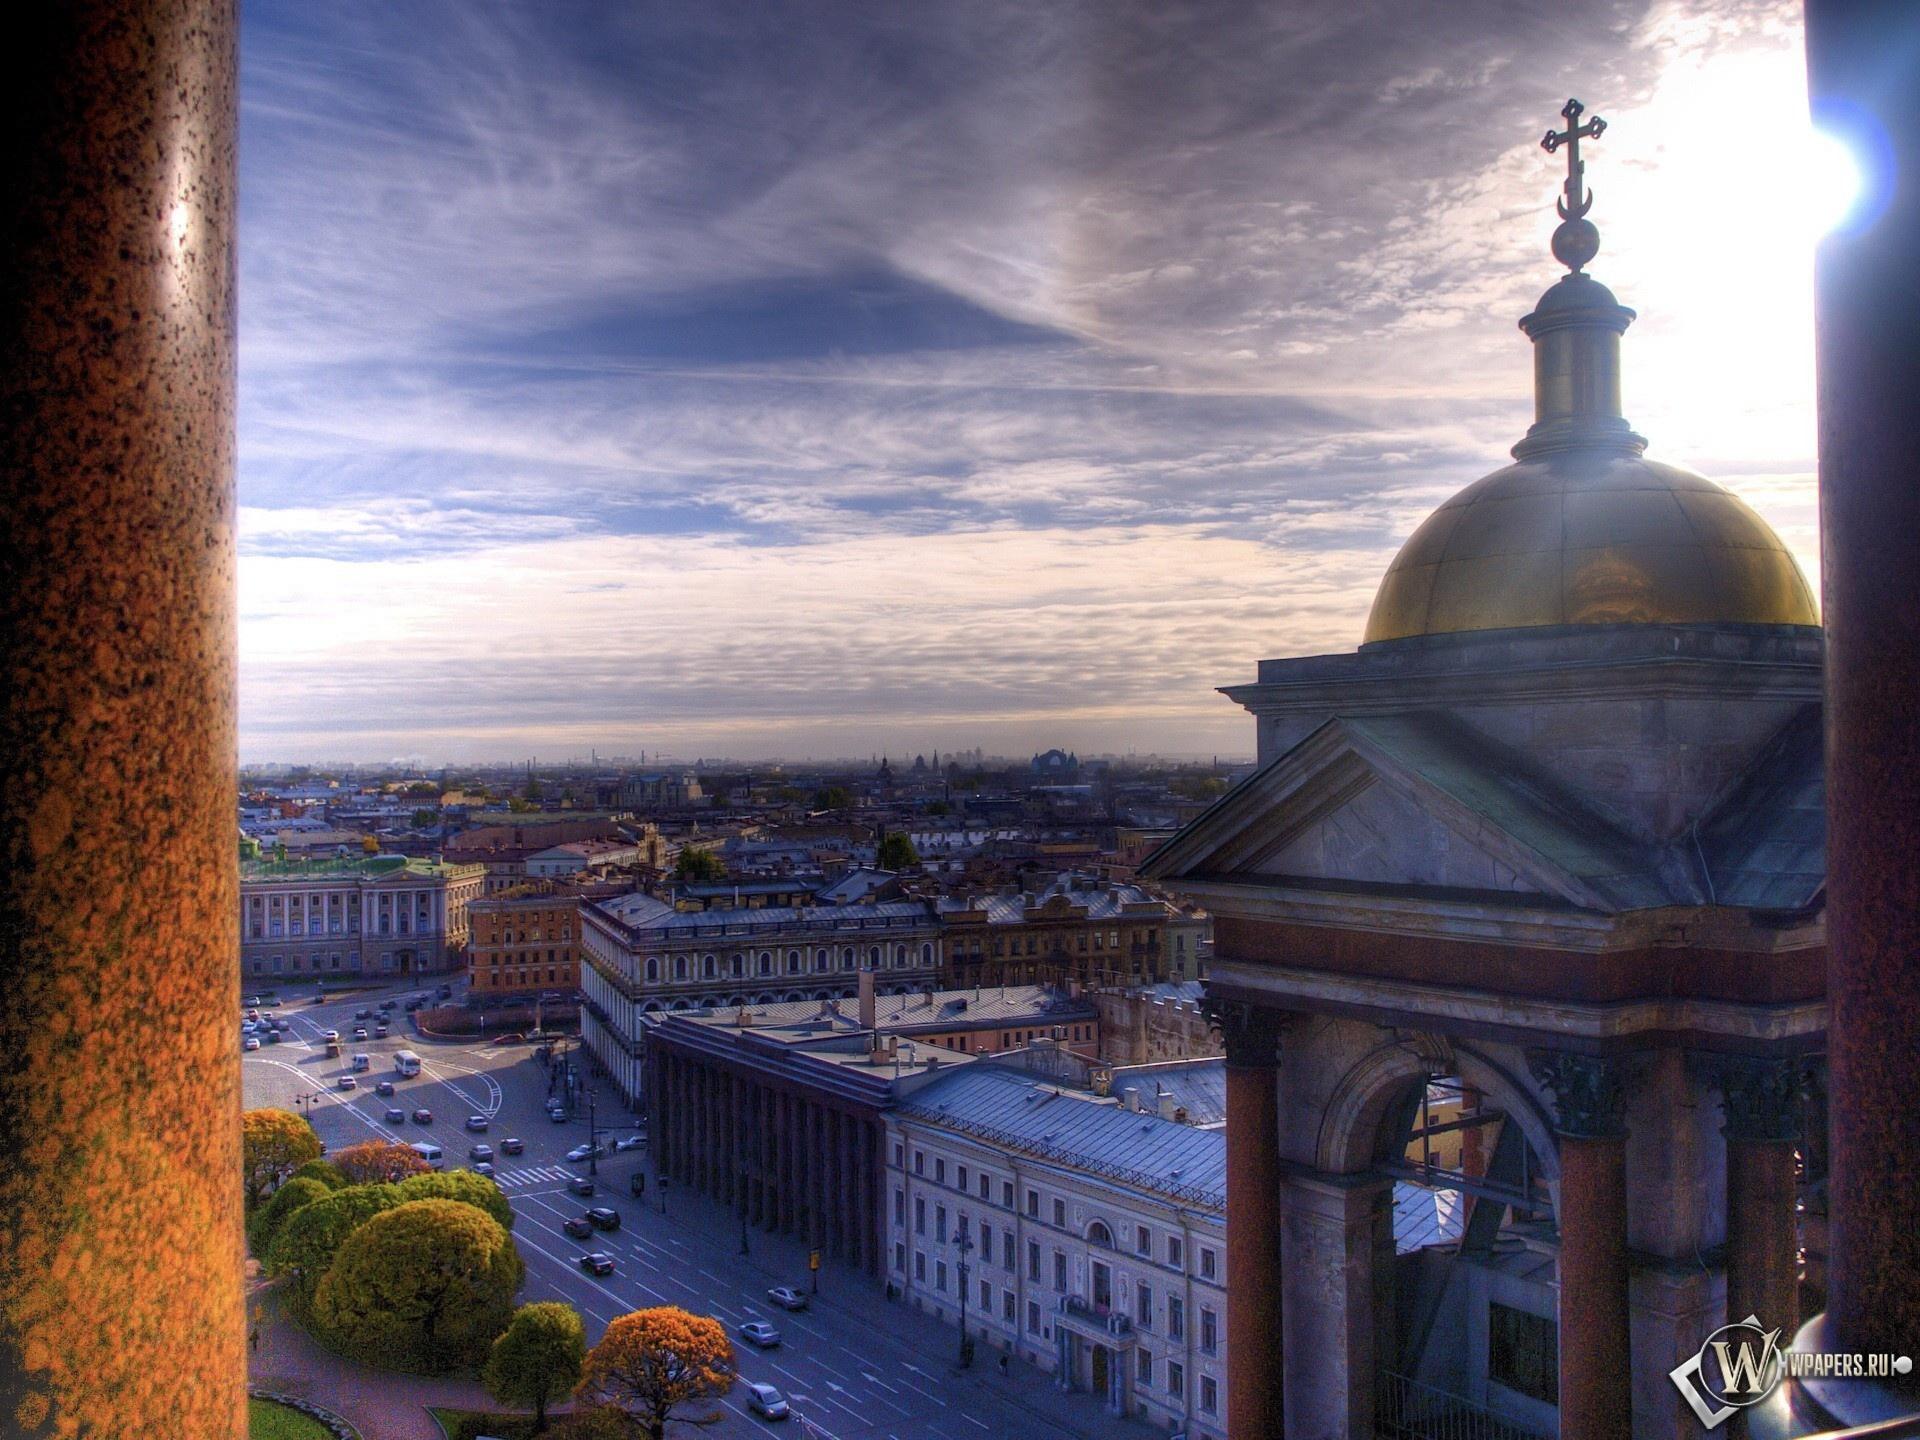 Исаакиевский собор в Санкт-Петербурге 1920x1440